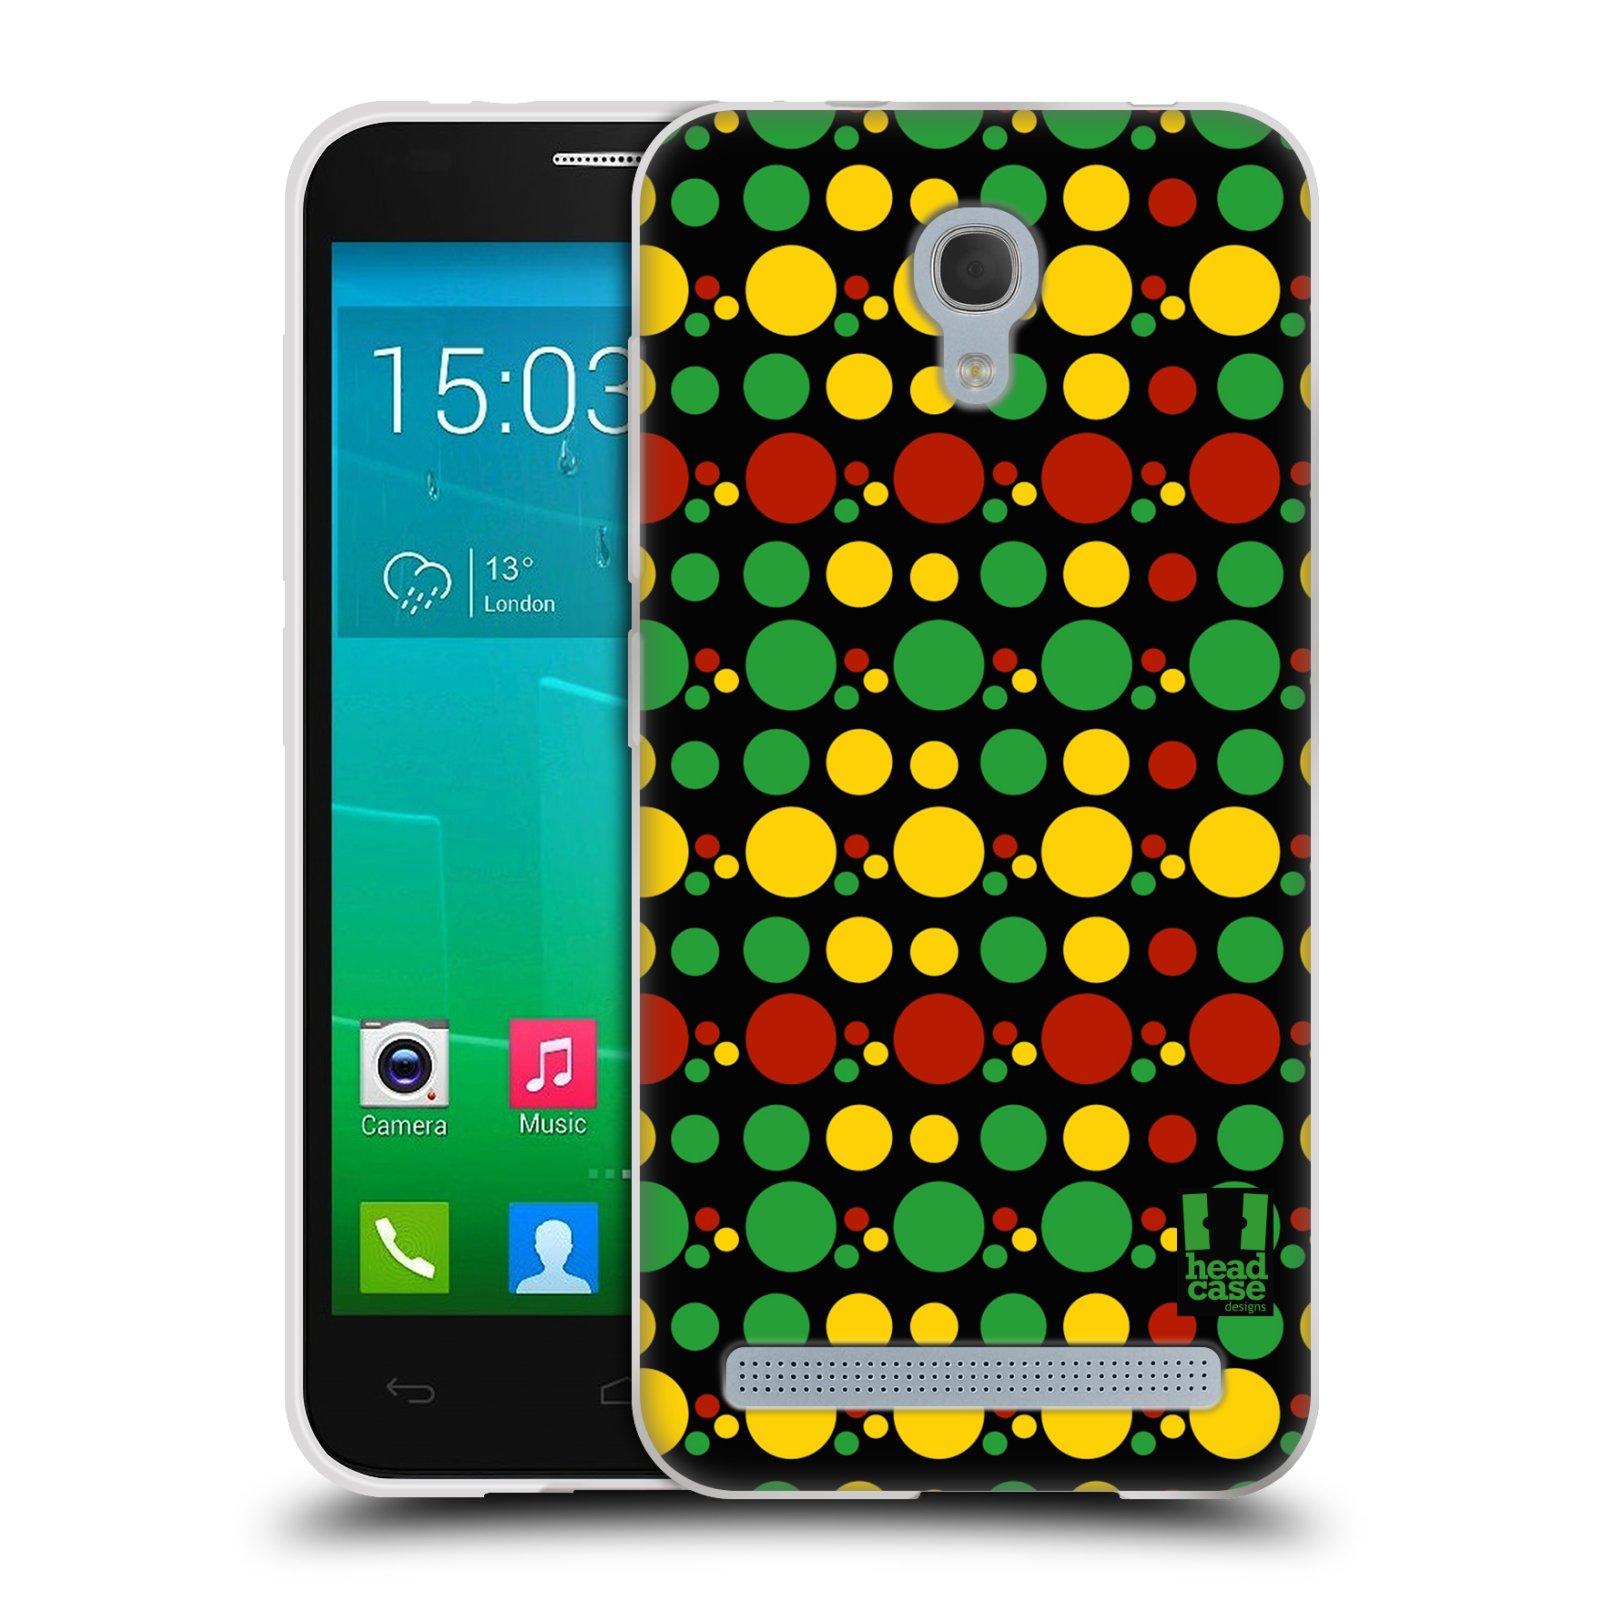 HEAD CASE silikonový obal na mobil Alcatel Idol 2 MINI S 6036Y vzor Rasta barevné vzory KRUHY